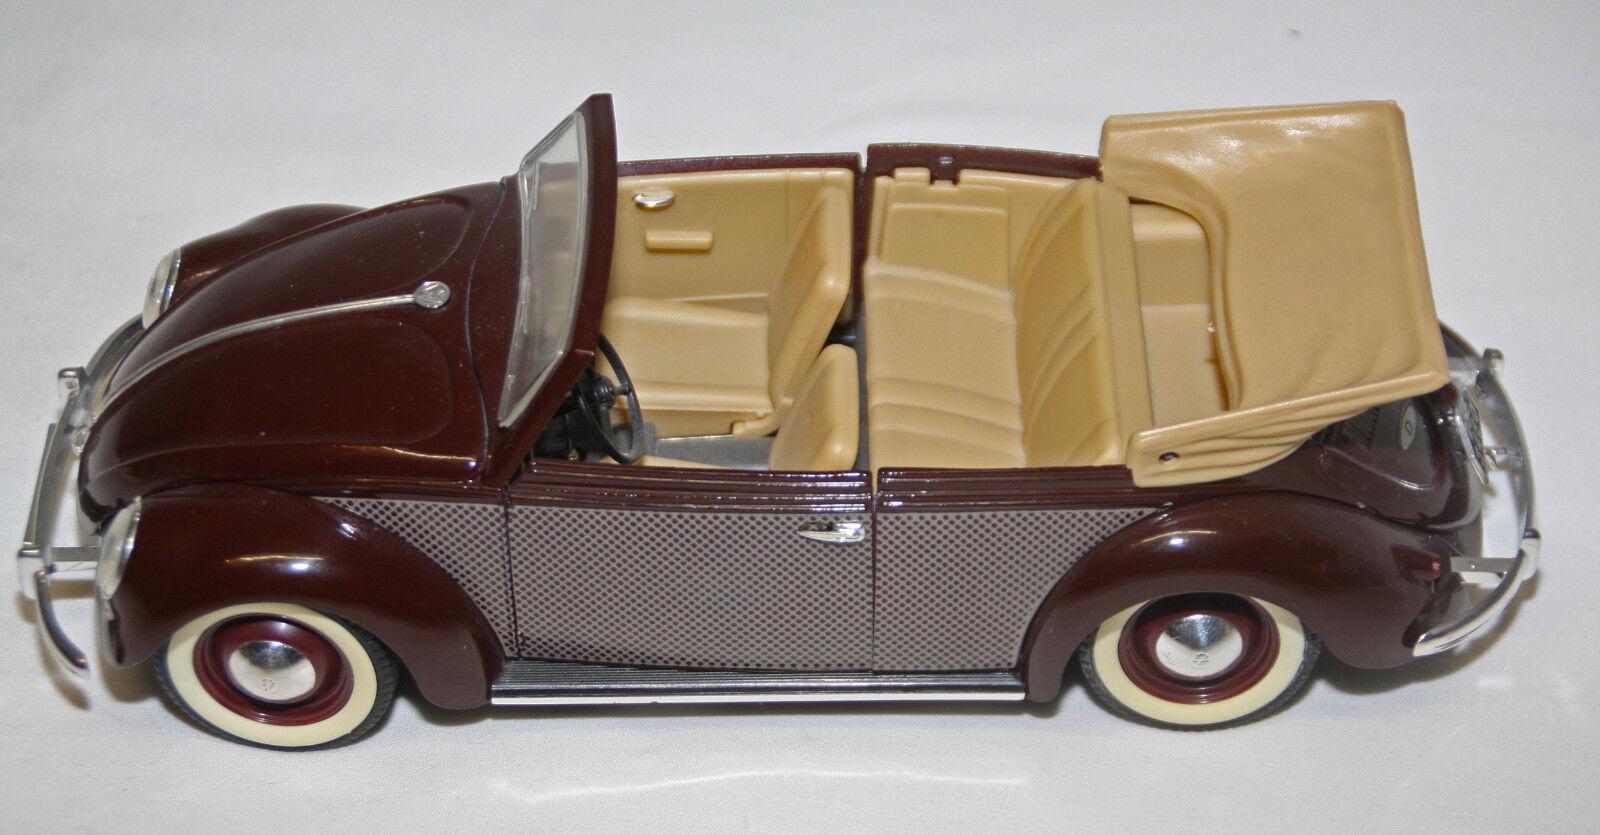 VW Cabriolet 1949  07.90 V Coccinelle 1 17  prix bas tous les jours